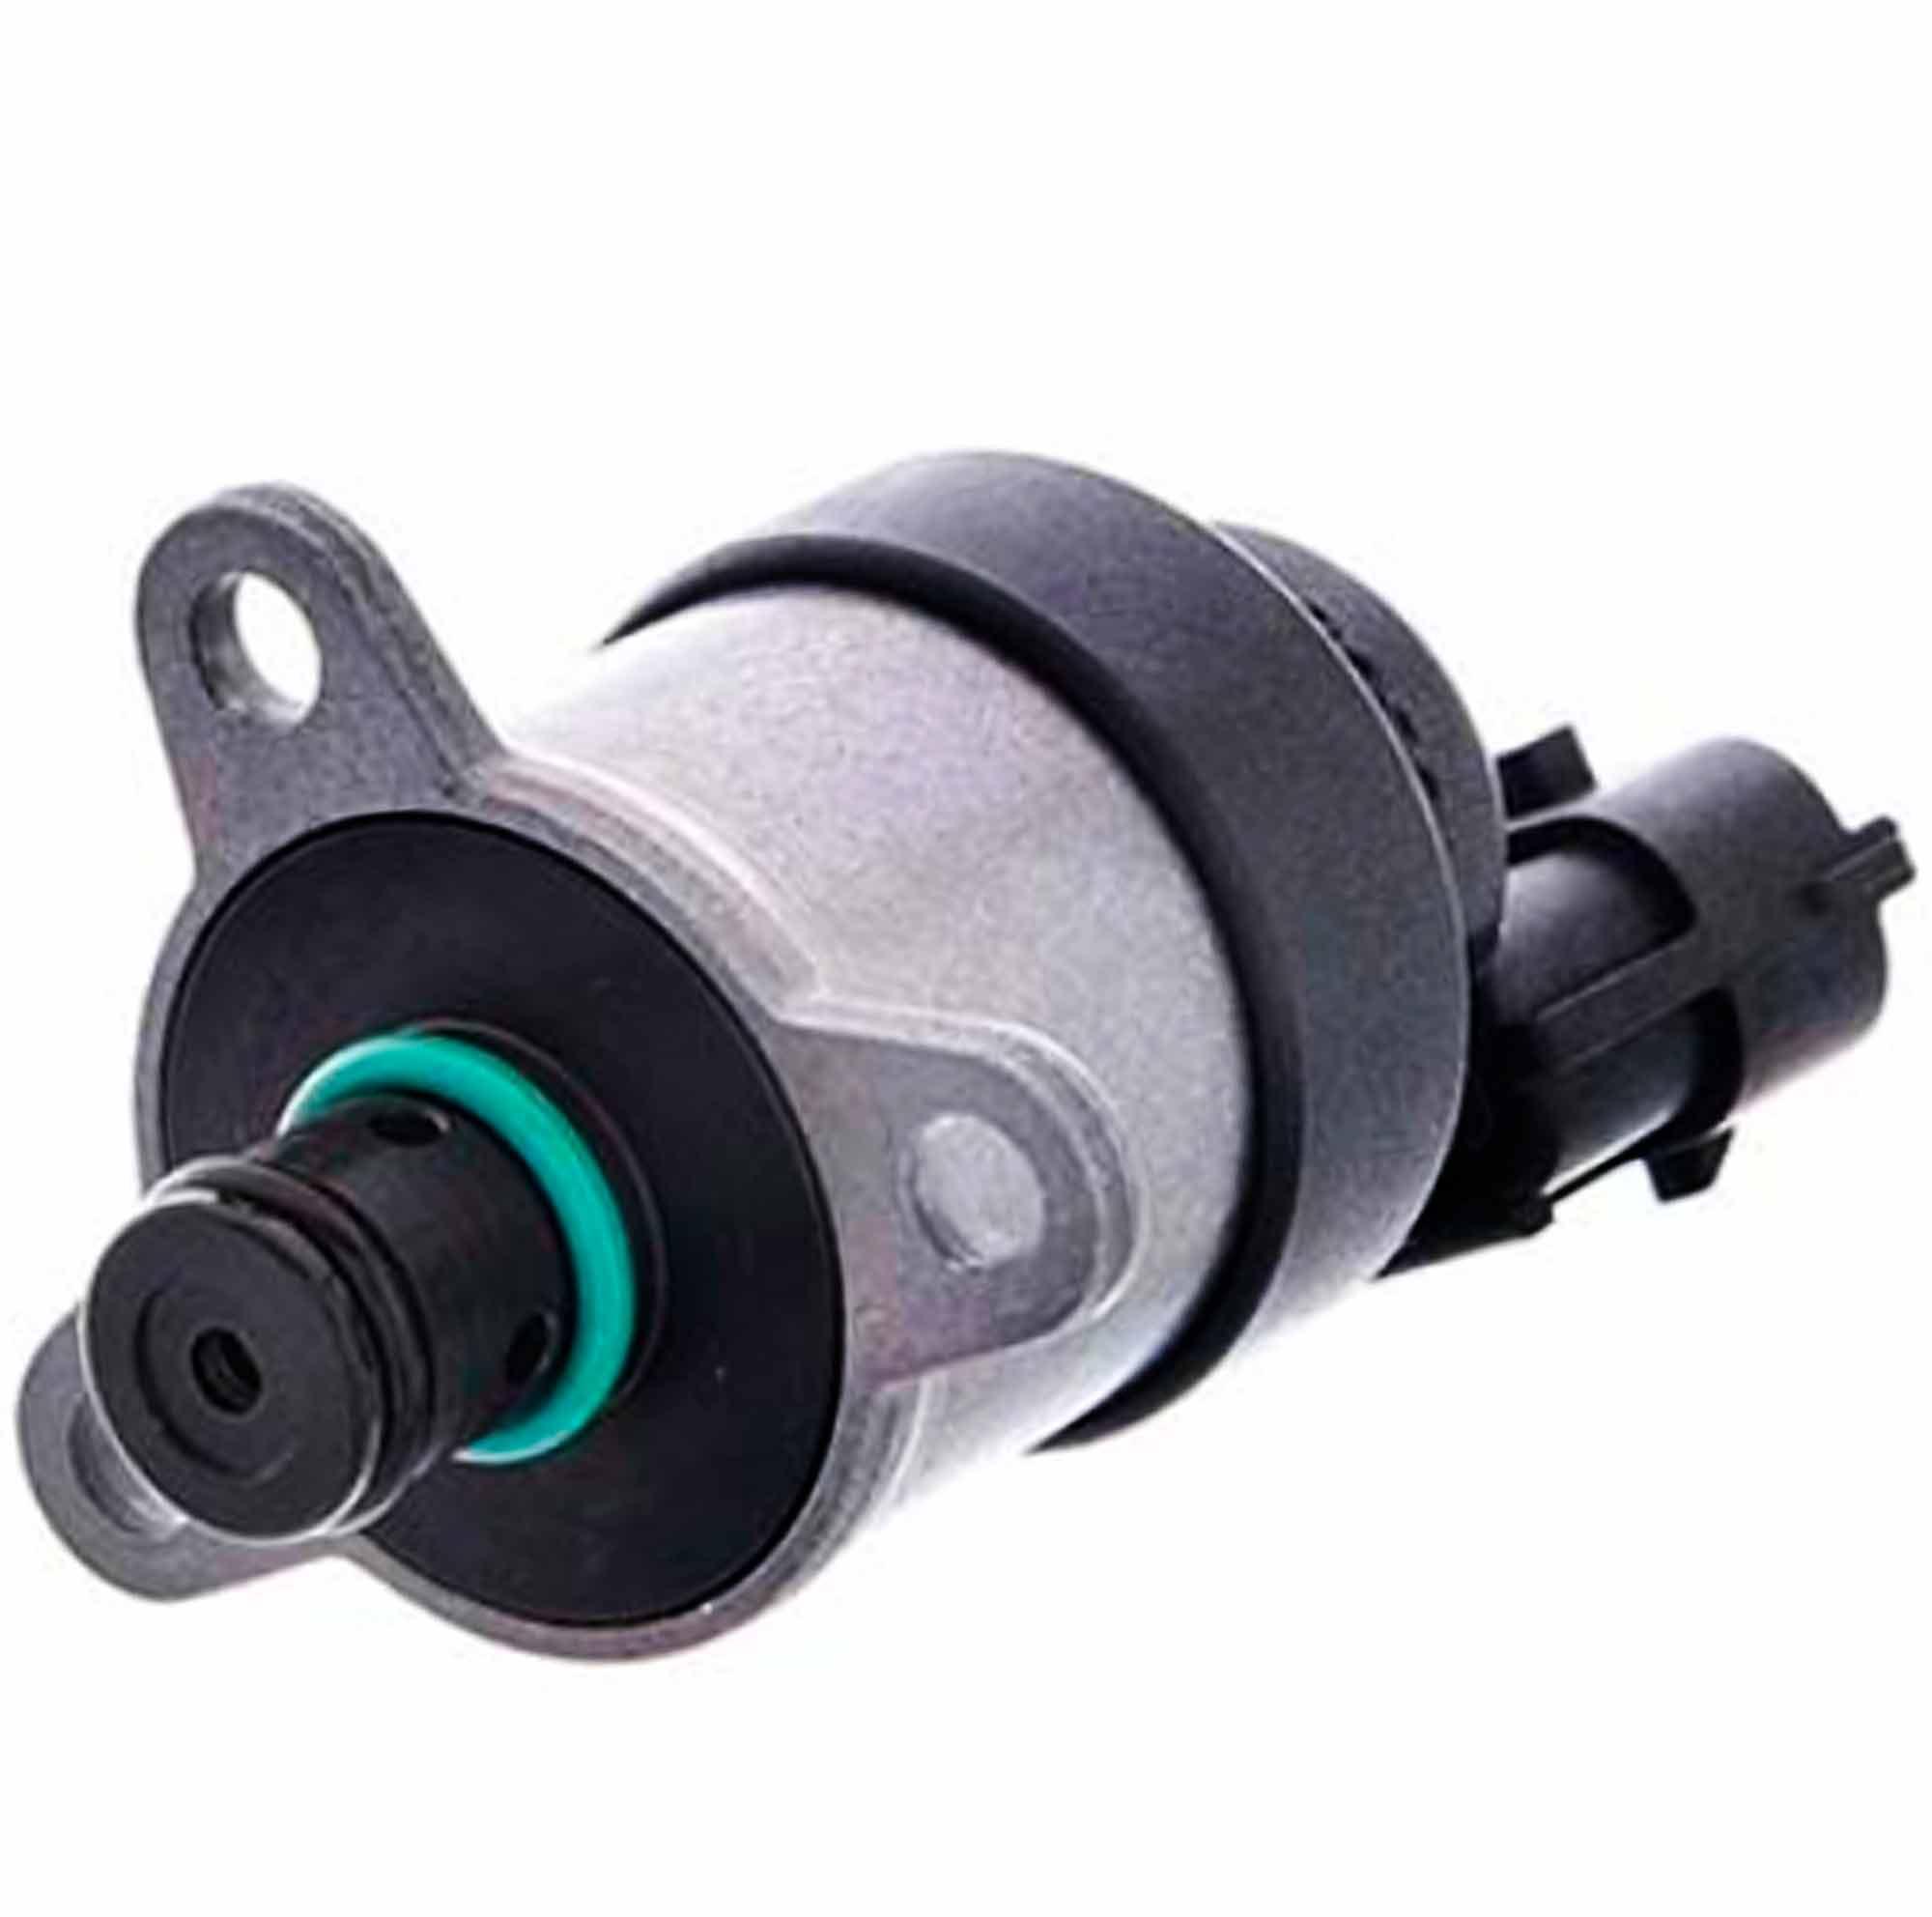 961280670014E - Válvula reguladora da bomba de alta pressão